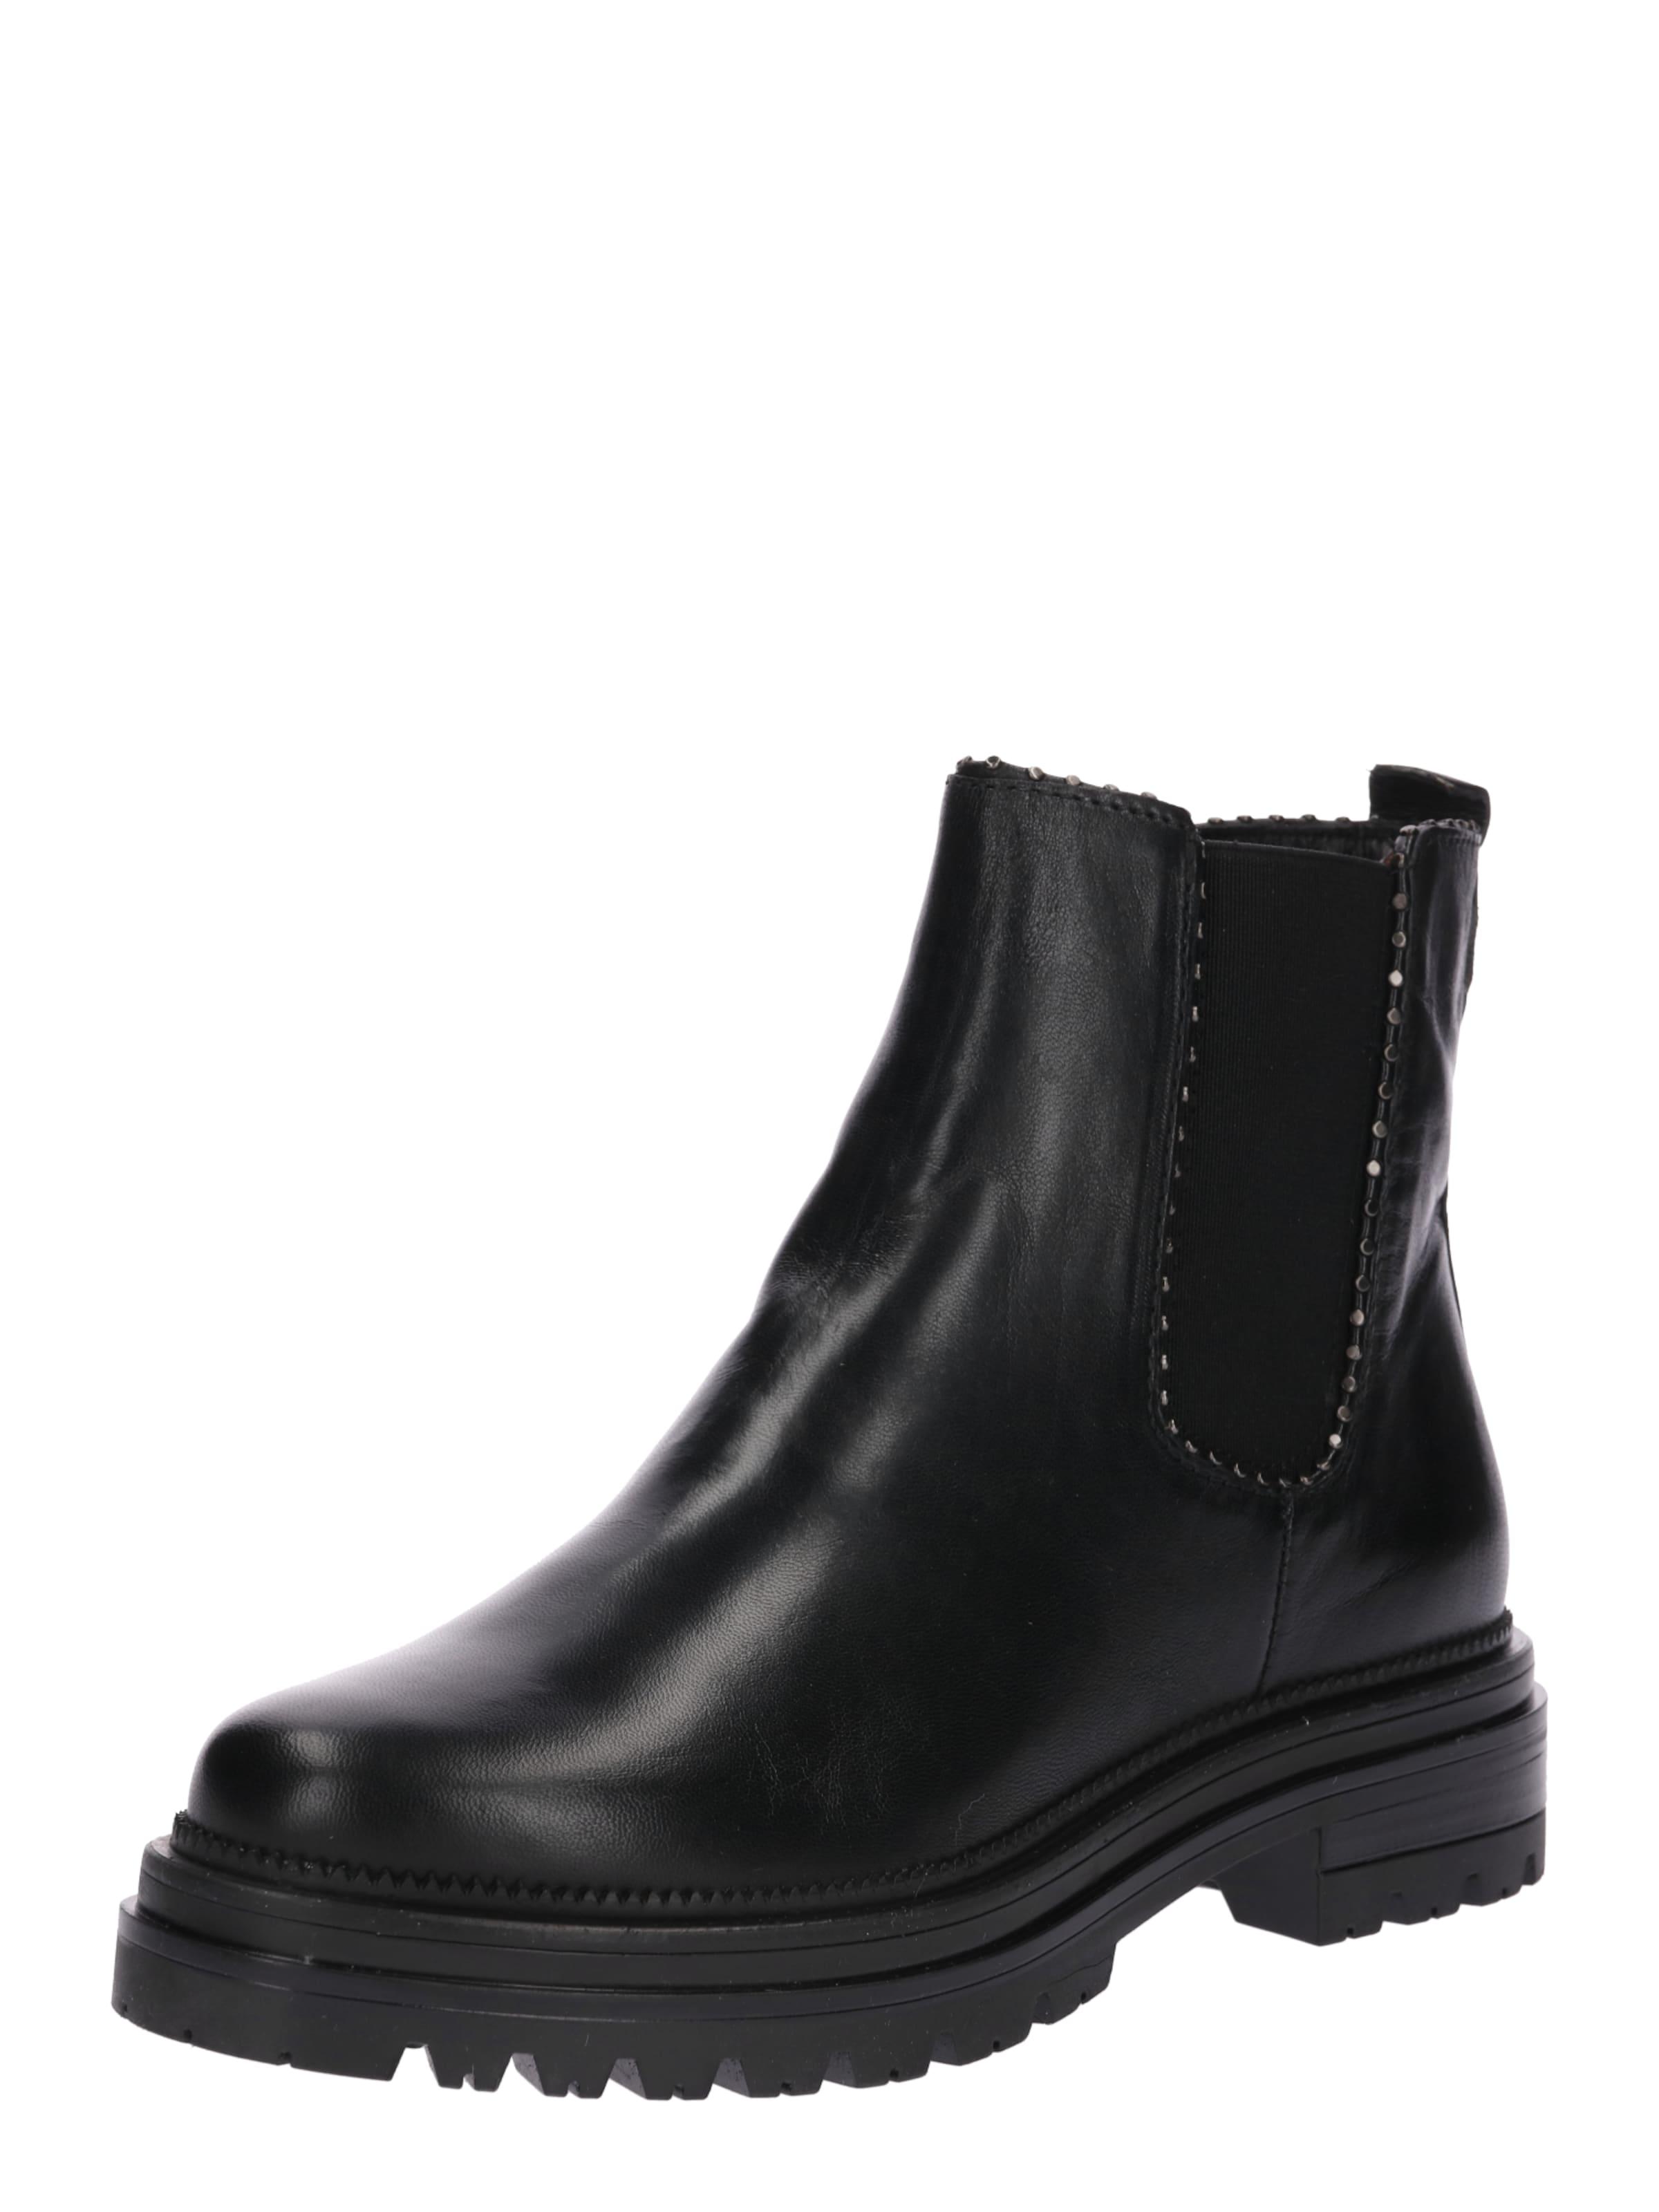 MJUS Chelsea-Boots Verschleißfeste billige Schuhe Hohe Qualität